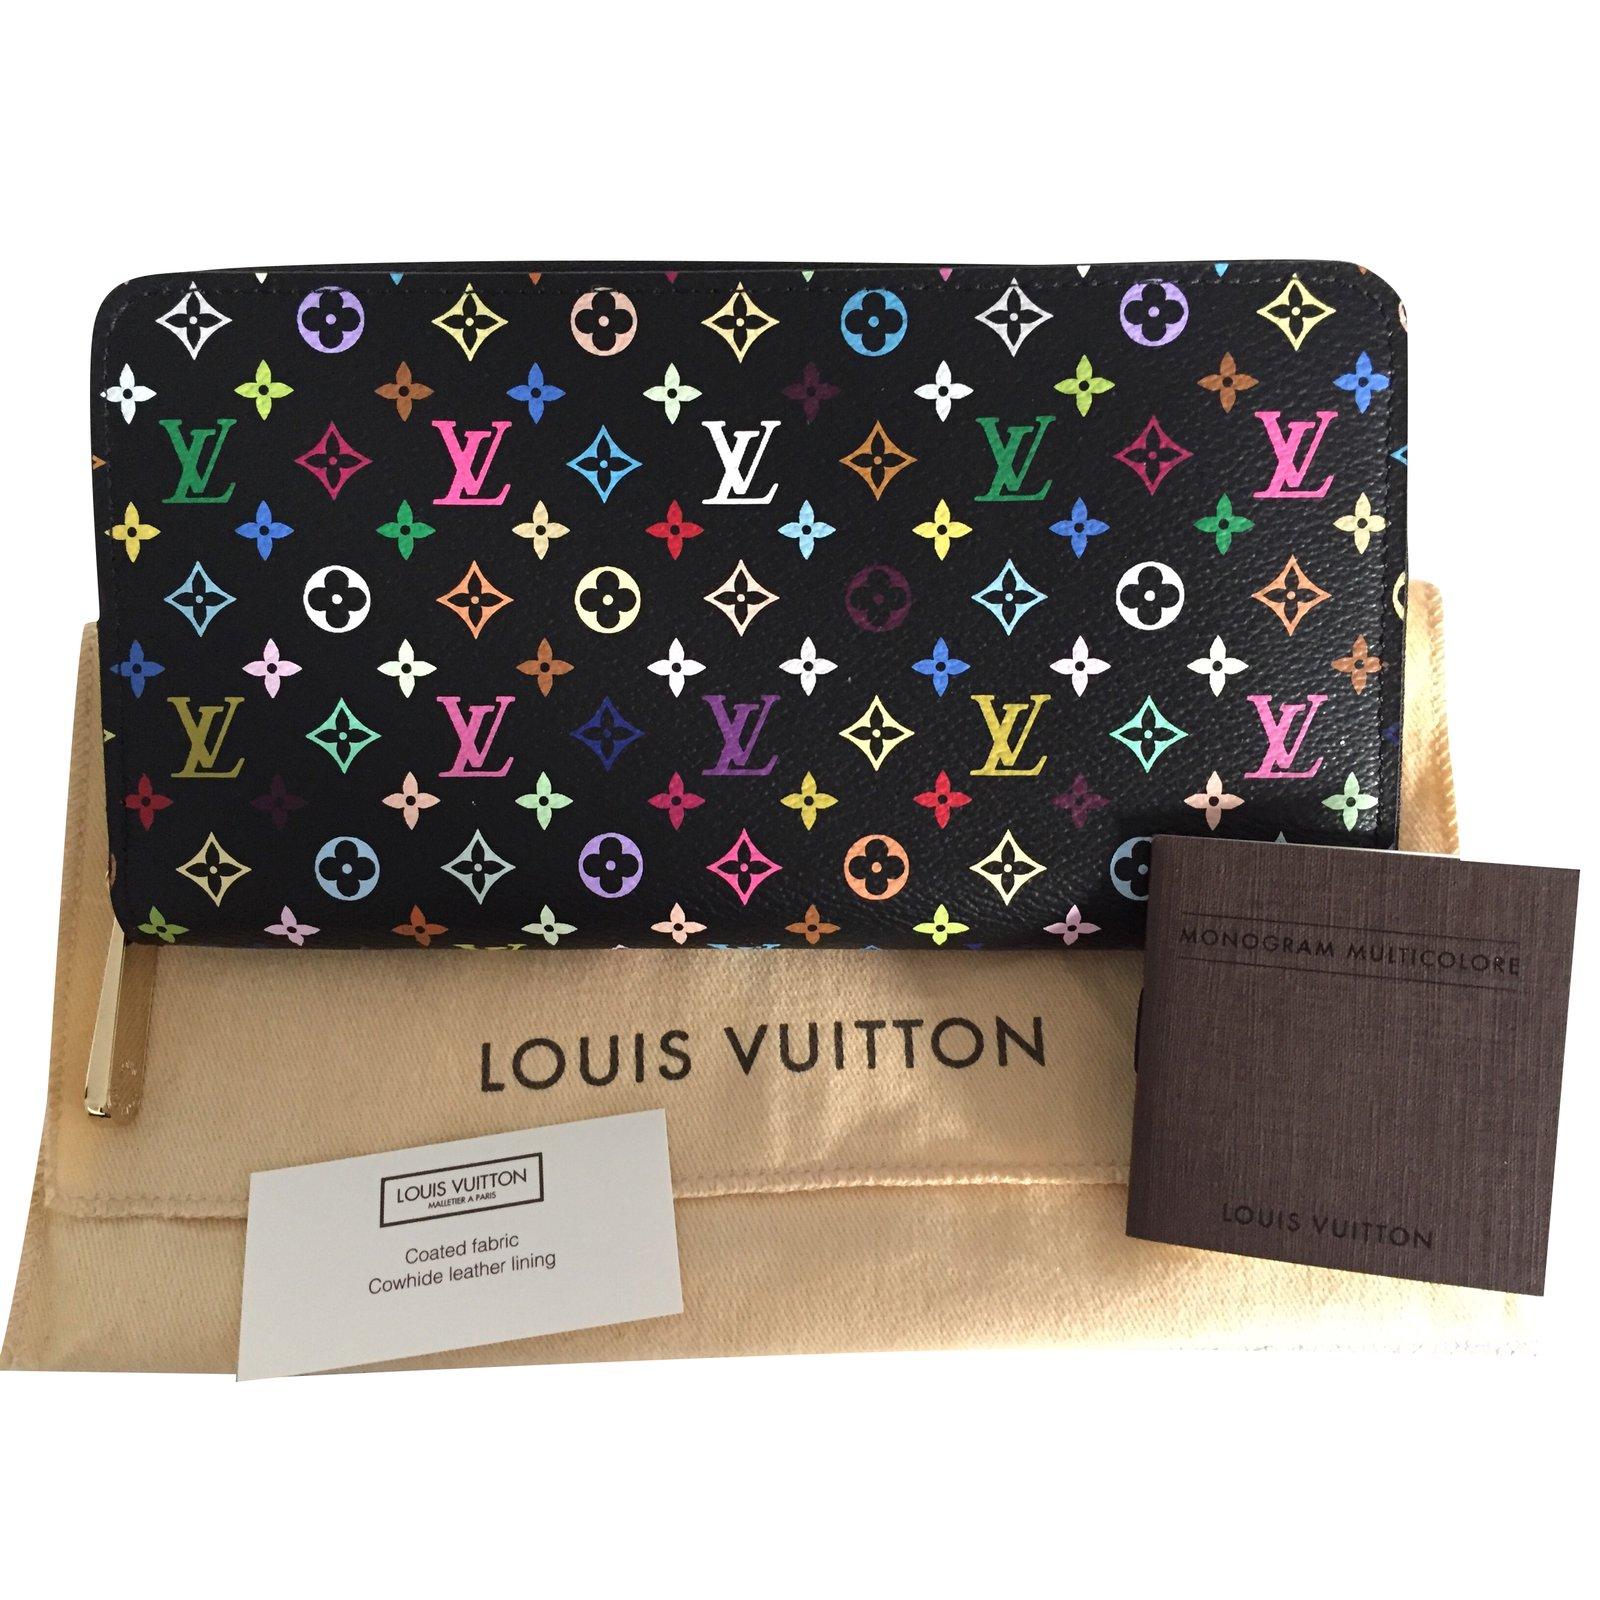 429f91966035 Portefeuilles Louis Vuitton Portefeuille Zippy multicolore Cuir Noir  ref.92649 - Joli Closet